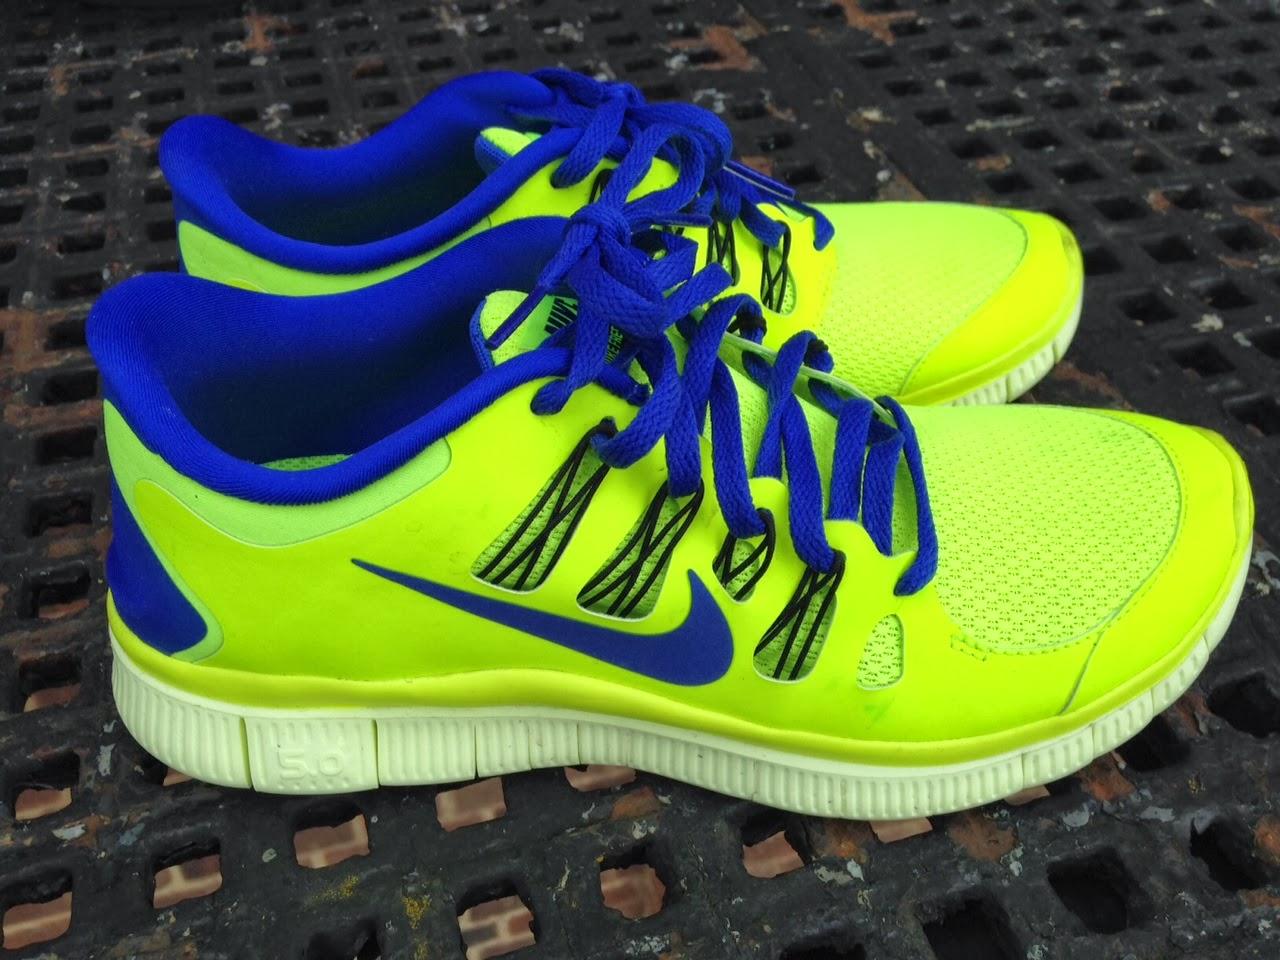 halpa söpö tehtaanmyymälä Nike Frees 5.0 Review - The Runner Beans